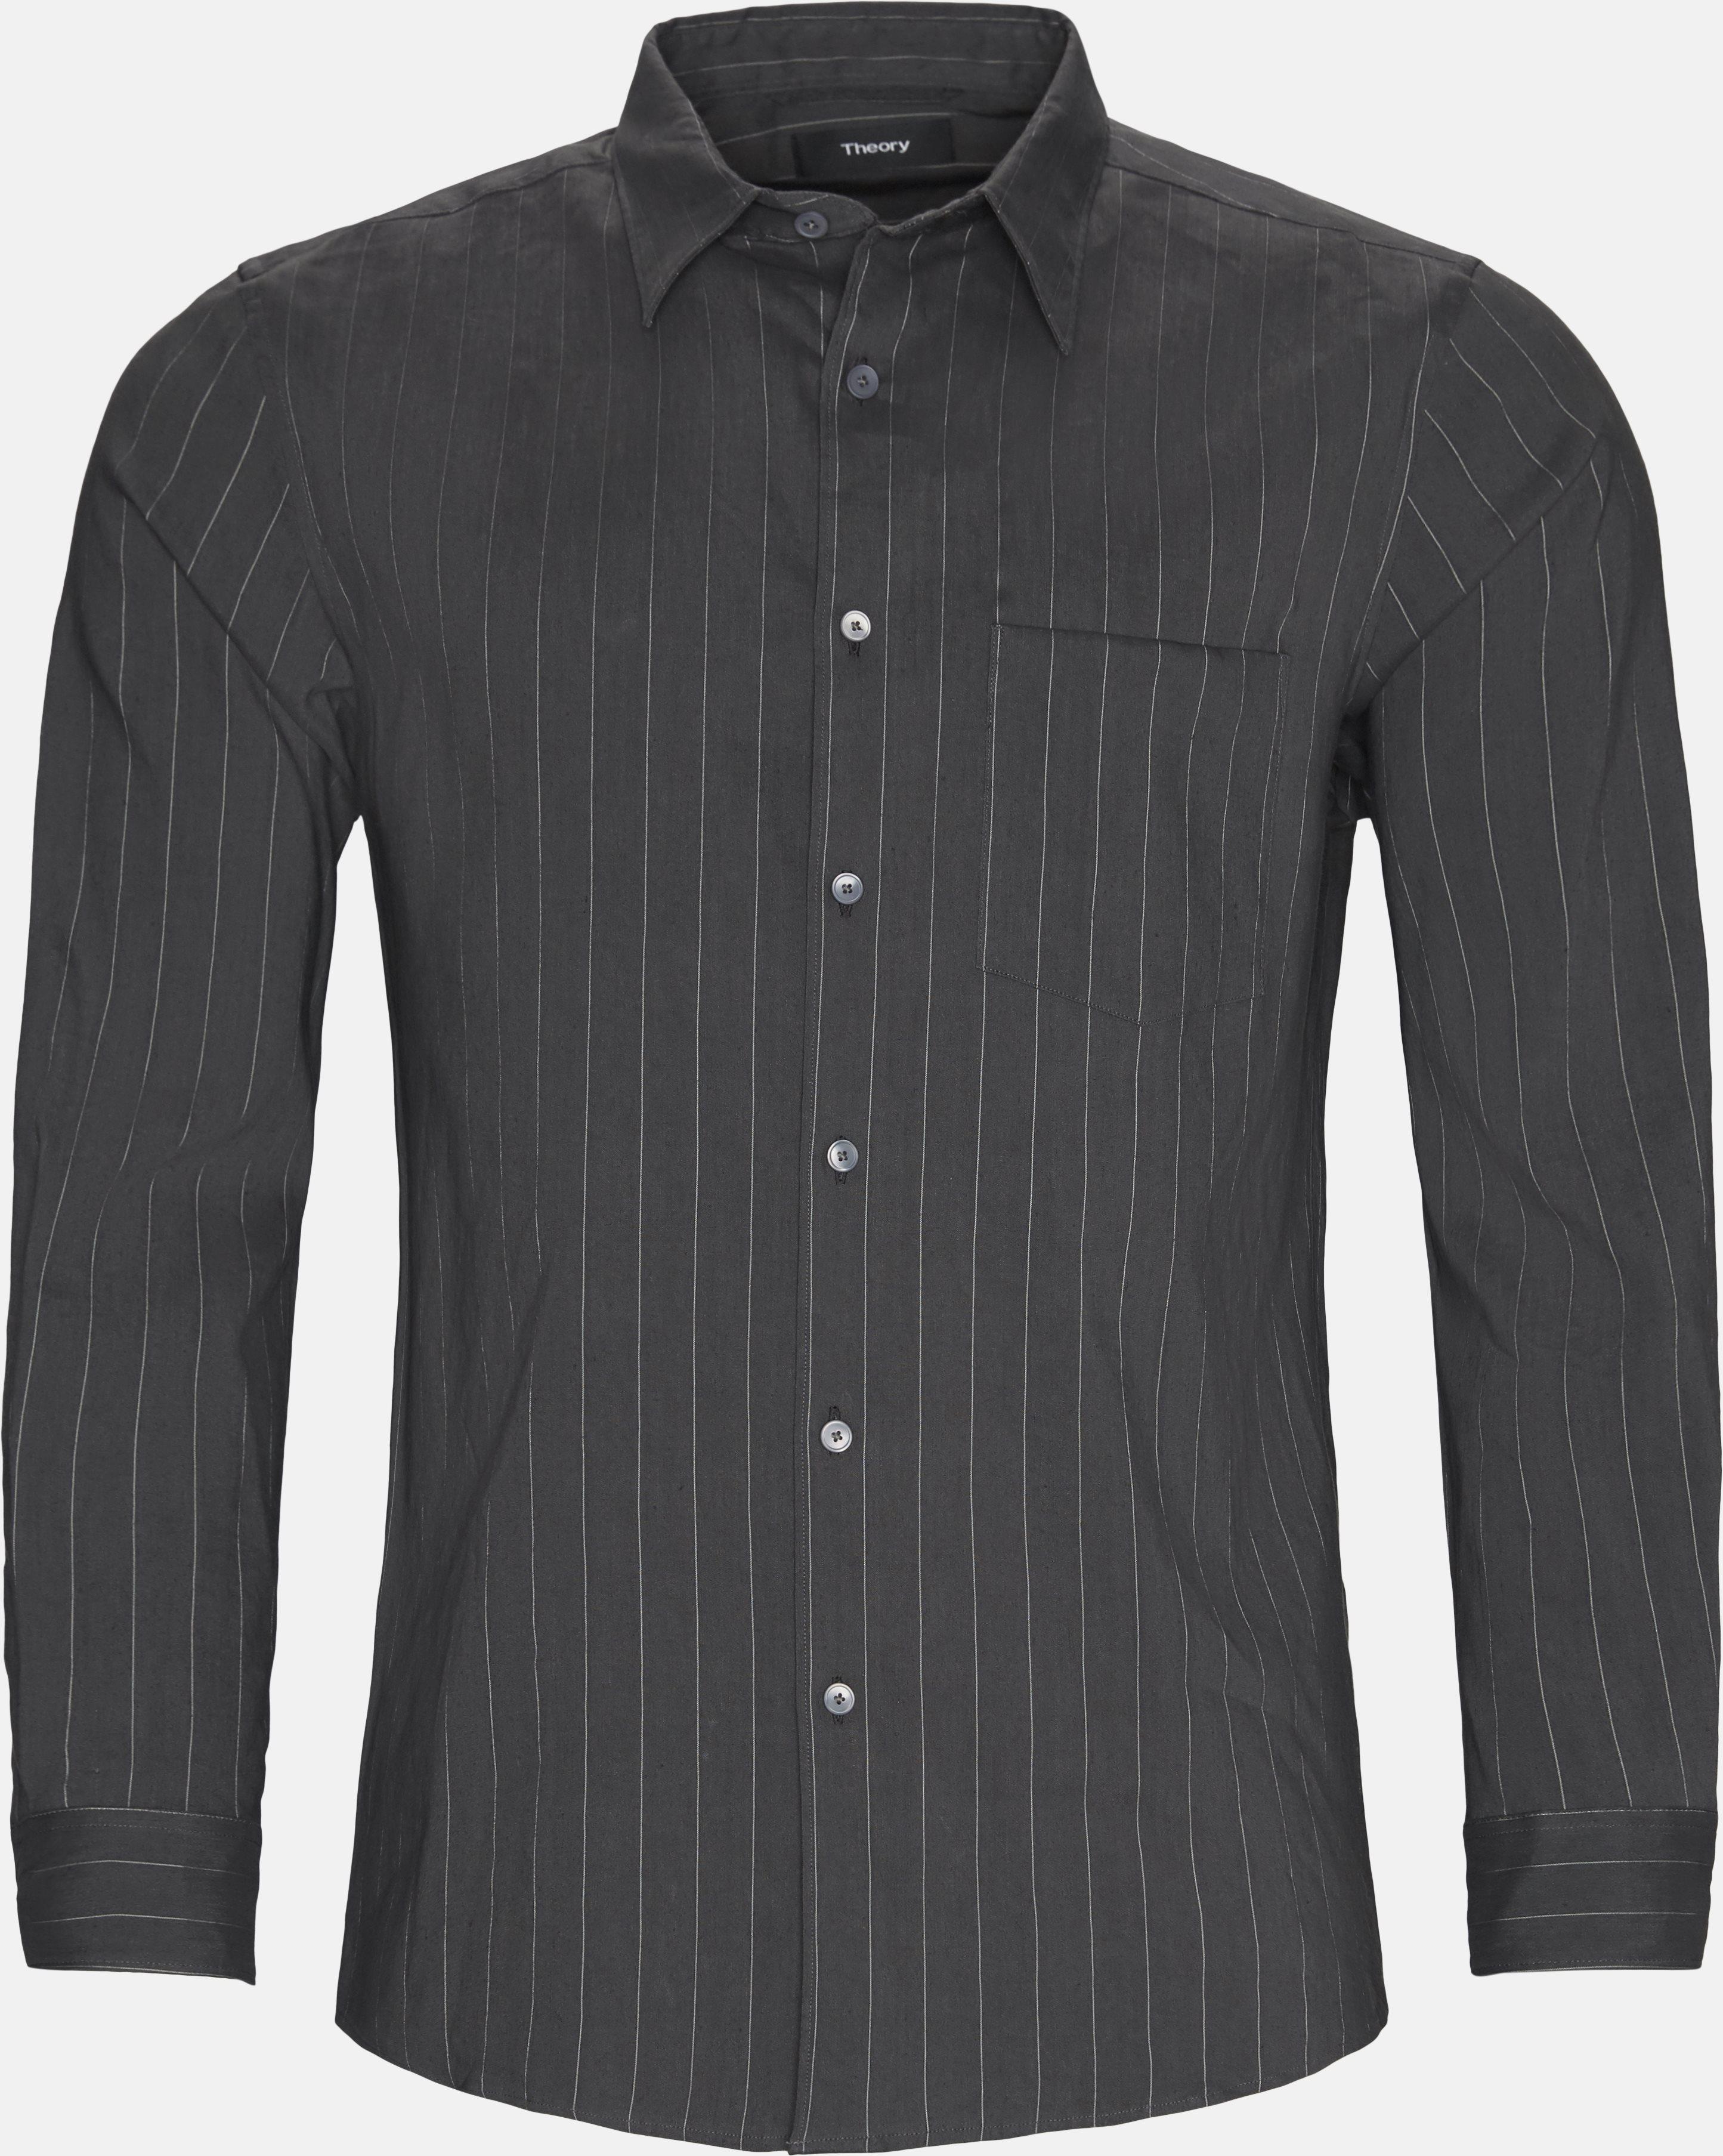 Skjorter - Regular fit - Grå